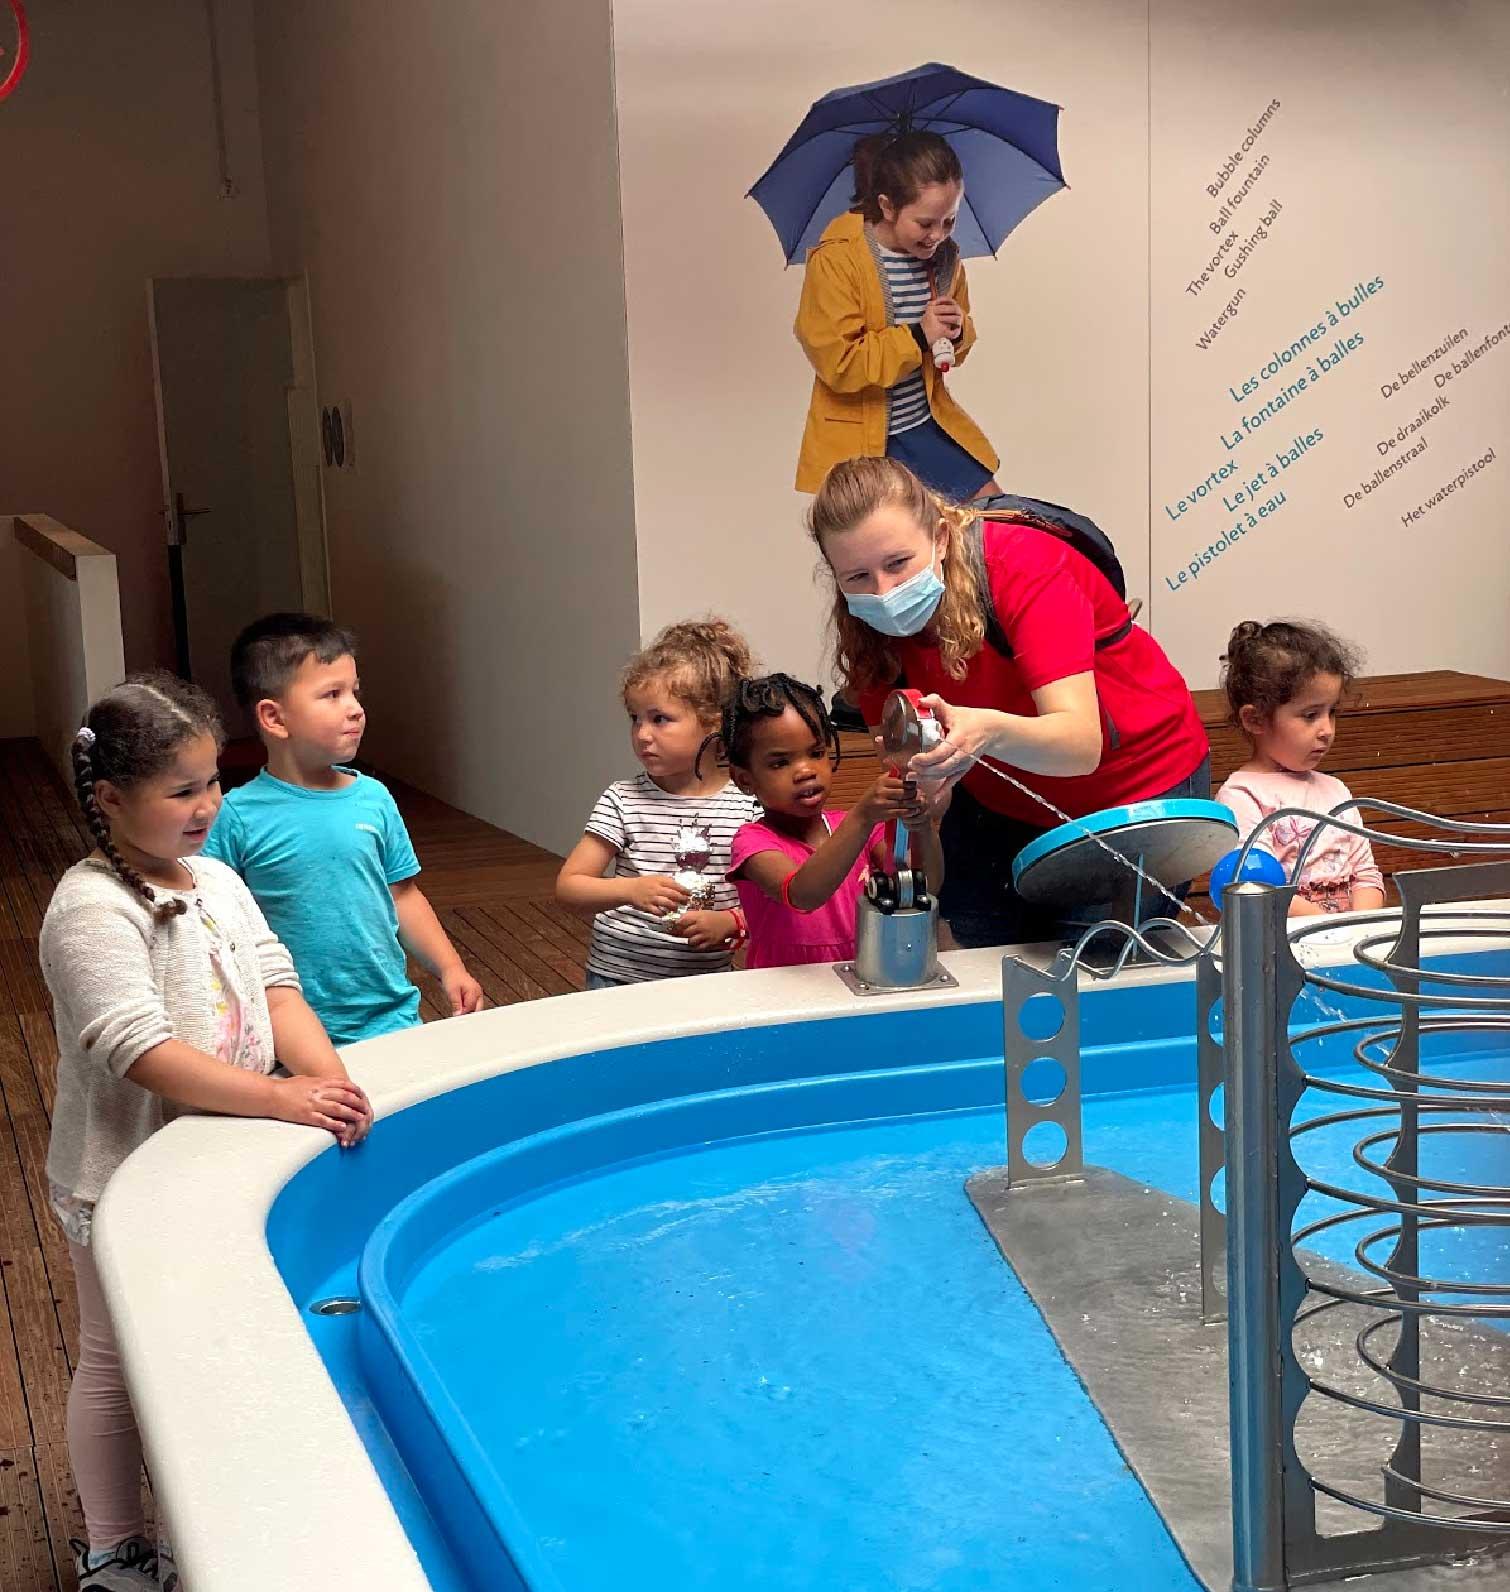 les_enfants_jouent_aux_jeux_d_eau_a_smallicieux